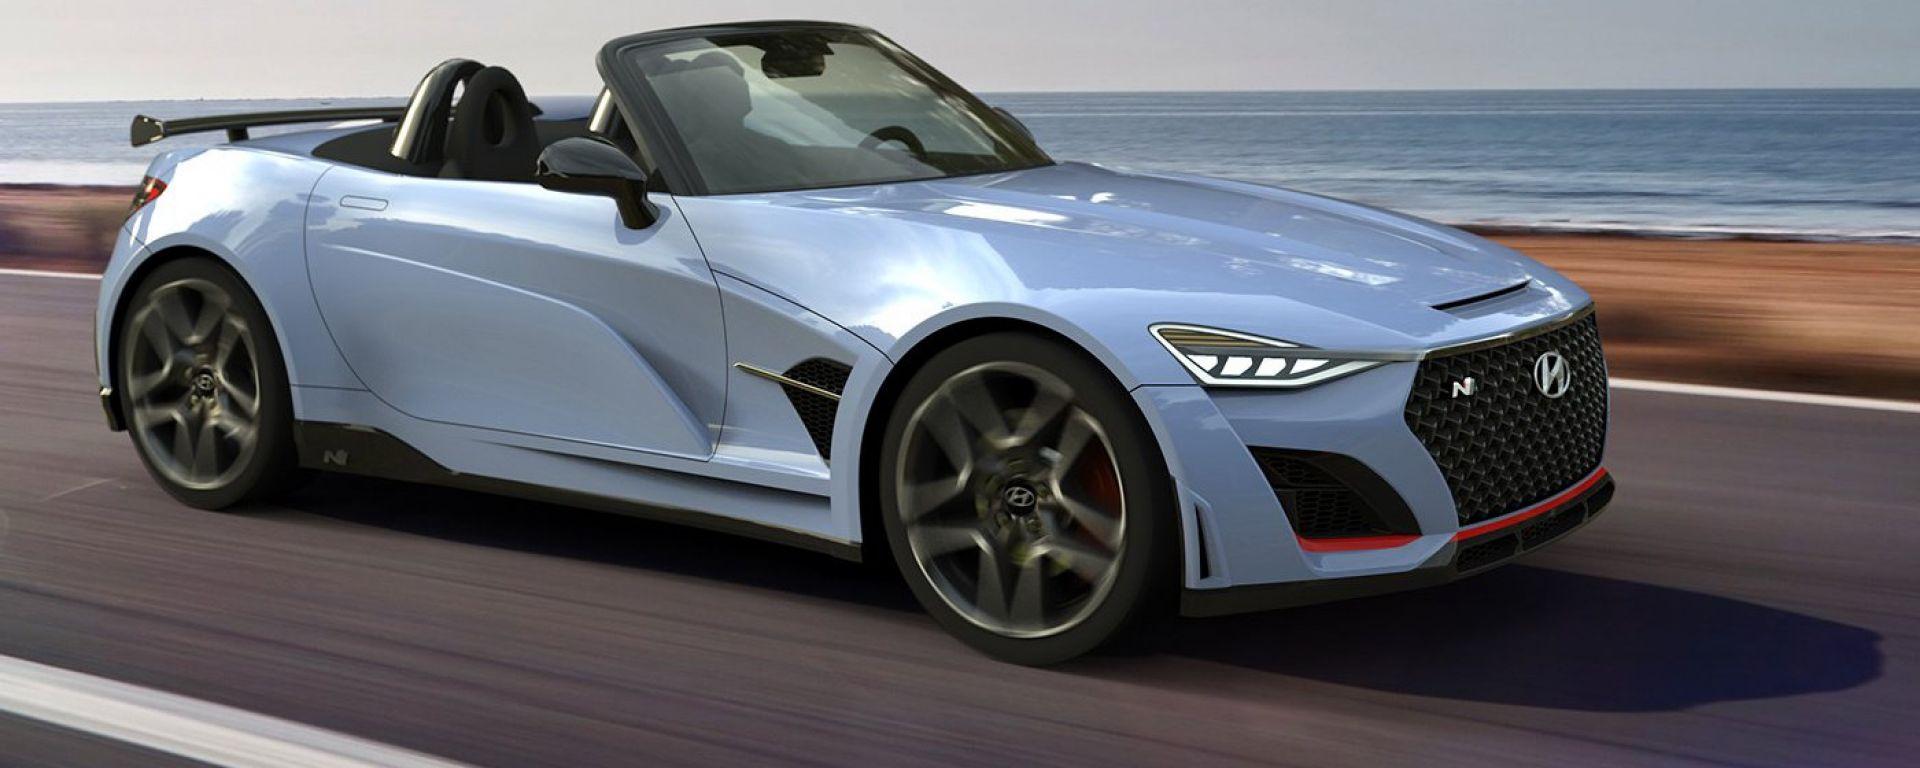 Hyundai N Roadster, un rendering per far sognare